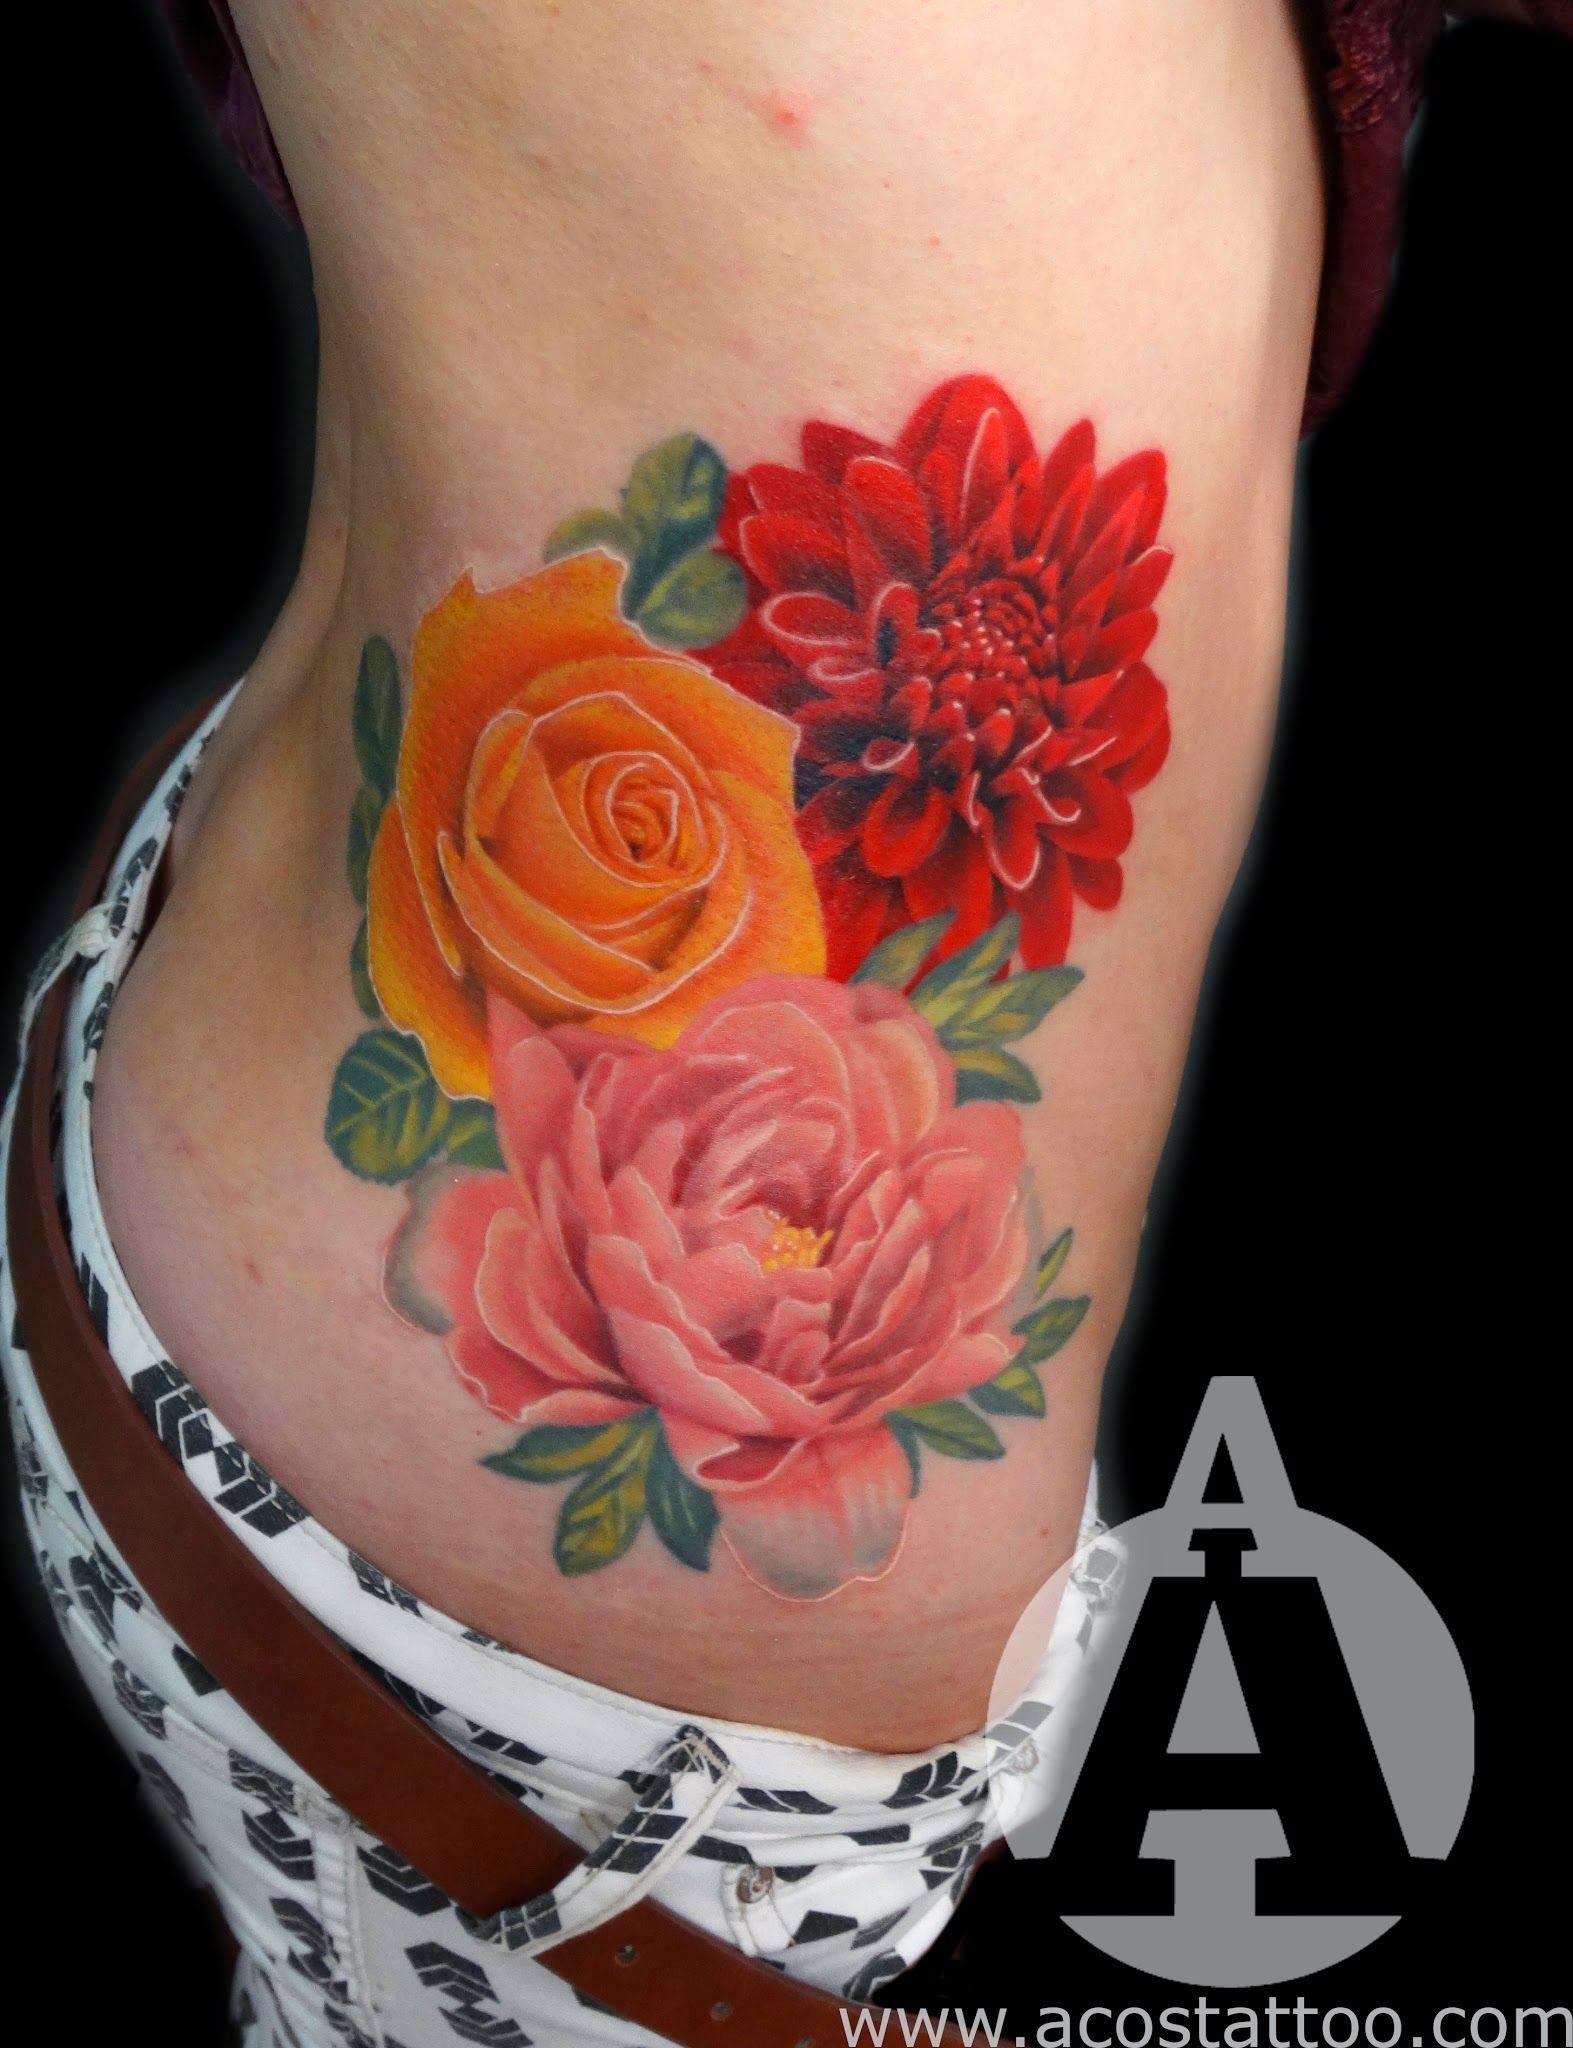 birth+flower+tattoos | March Birth Flower Tattoo Flowers tattoo ...